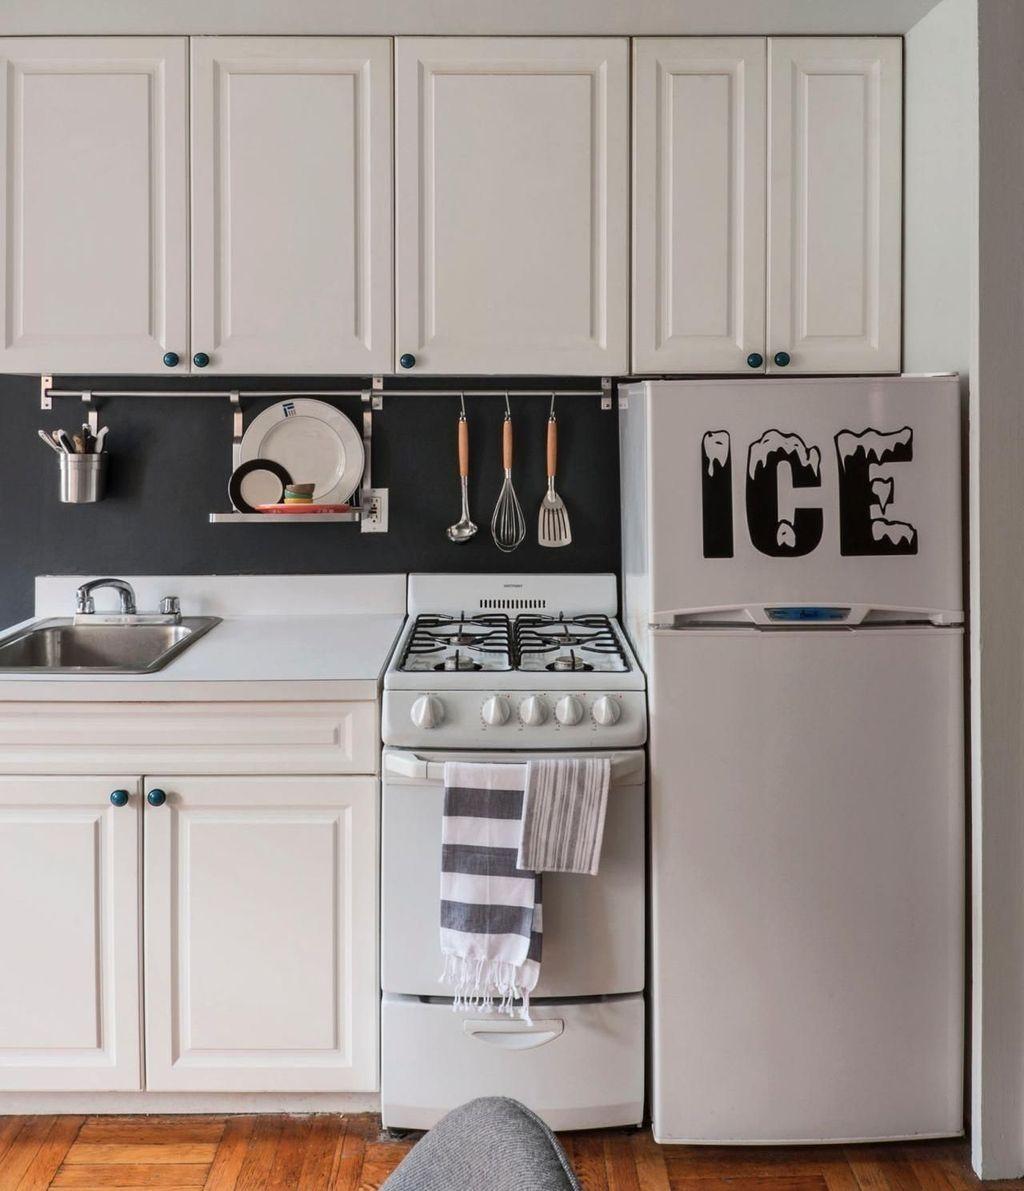 48 beautiful interior design ideas for kitchen kitchen pinterest rh pinterest com